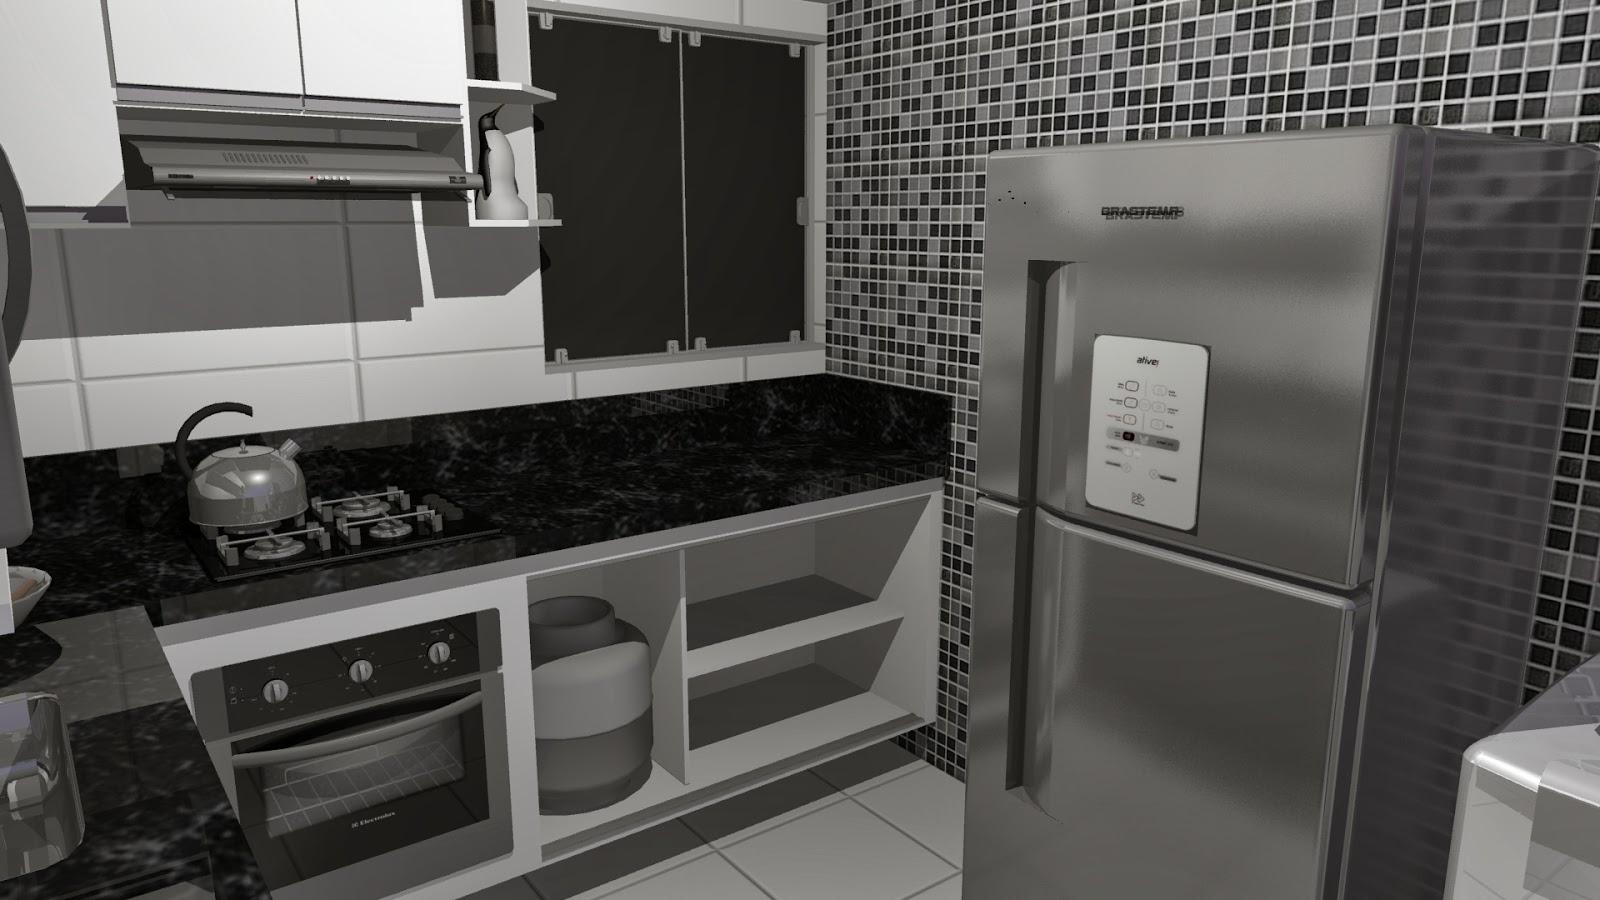 Campi Designer de interiores: Projeto Cozinha tipo Americana #30302E 1600 900